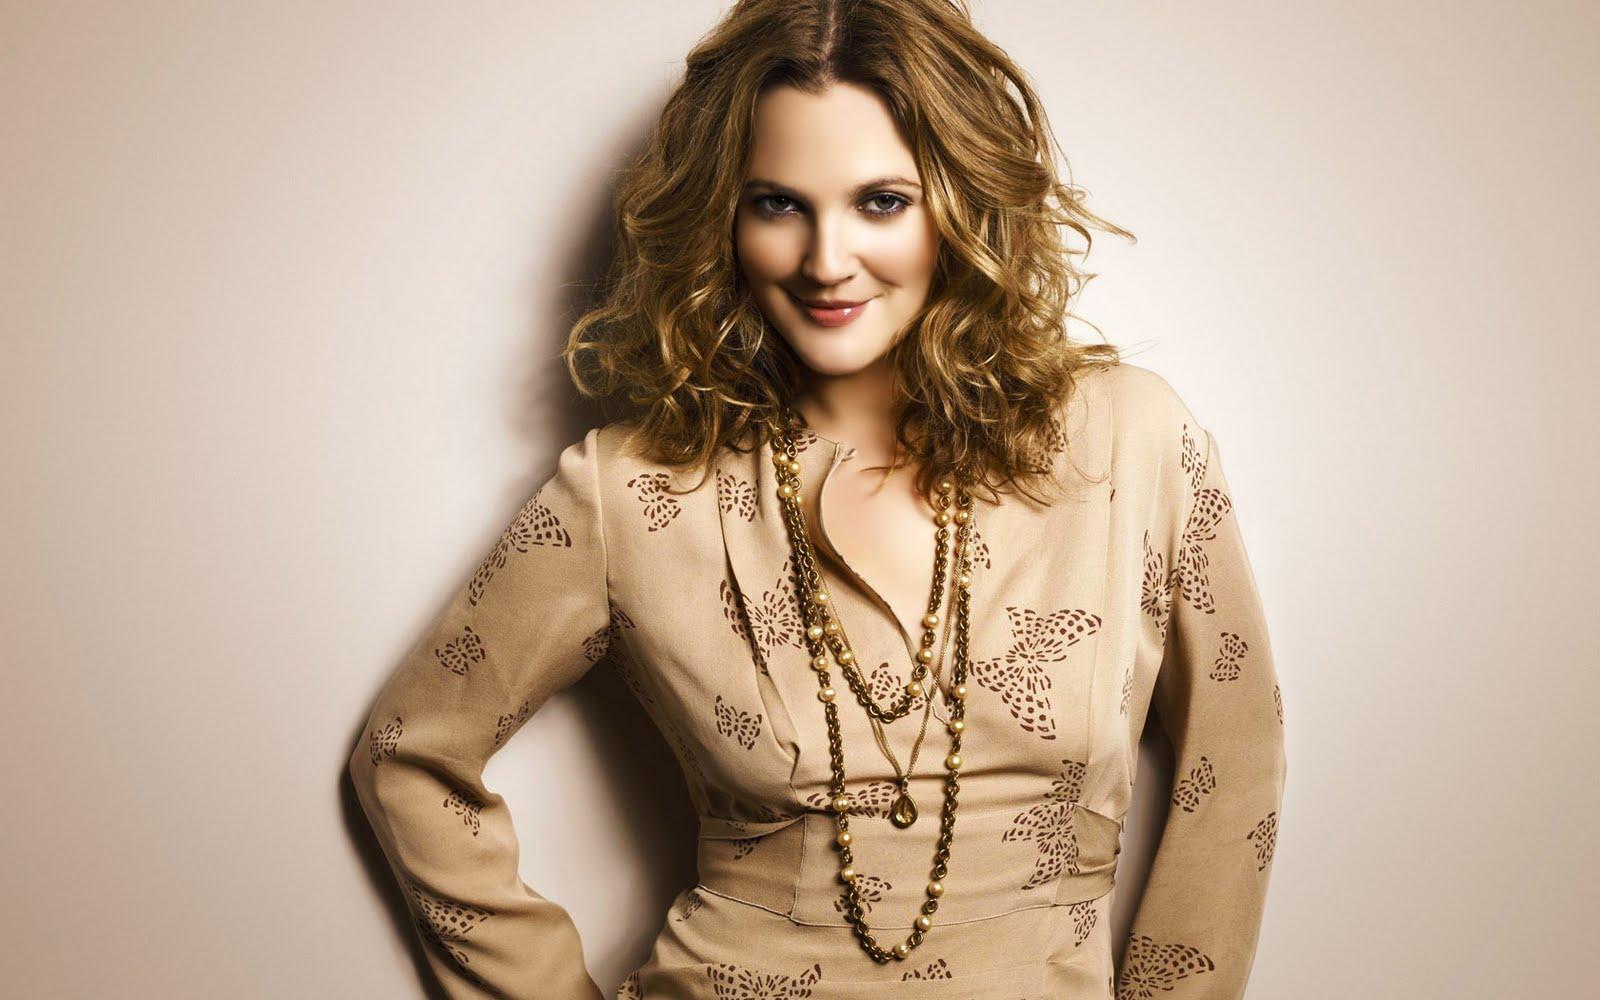 http://3.bp.blogspot.com/-j5C3lN7Rprs/TbcNNNk1GcI/AAAAAAAAOE4/Muw0Pxl_9zk/s1600/American_film_Actress_Drew_Barrymore_wallpaper%2B%25282%252!%20%209.jpg